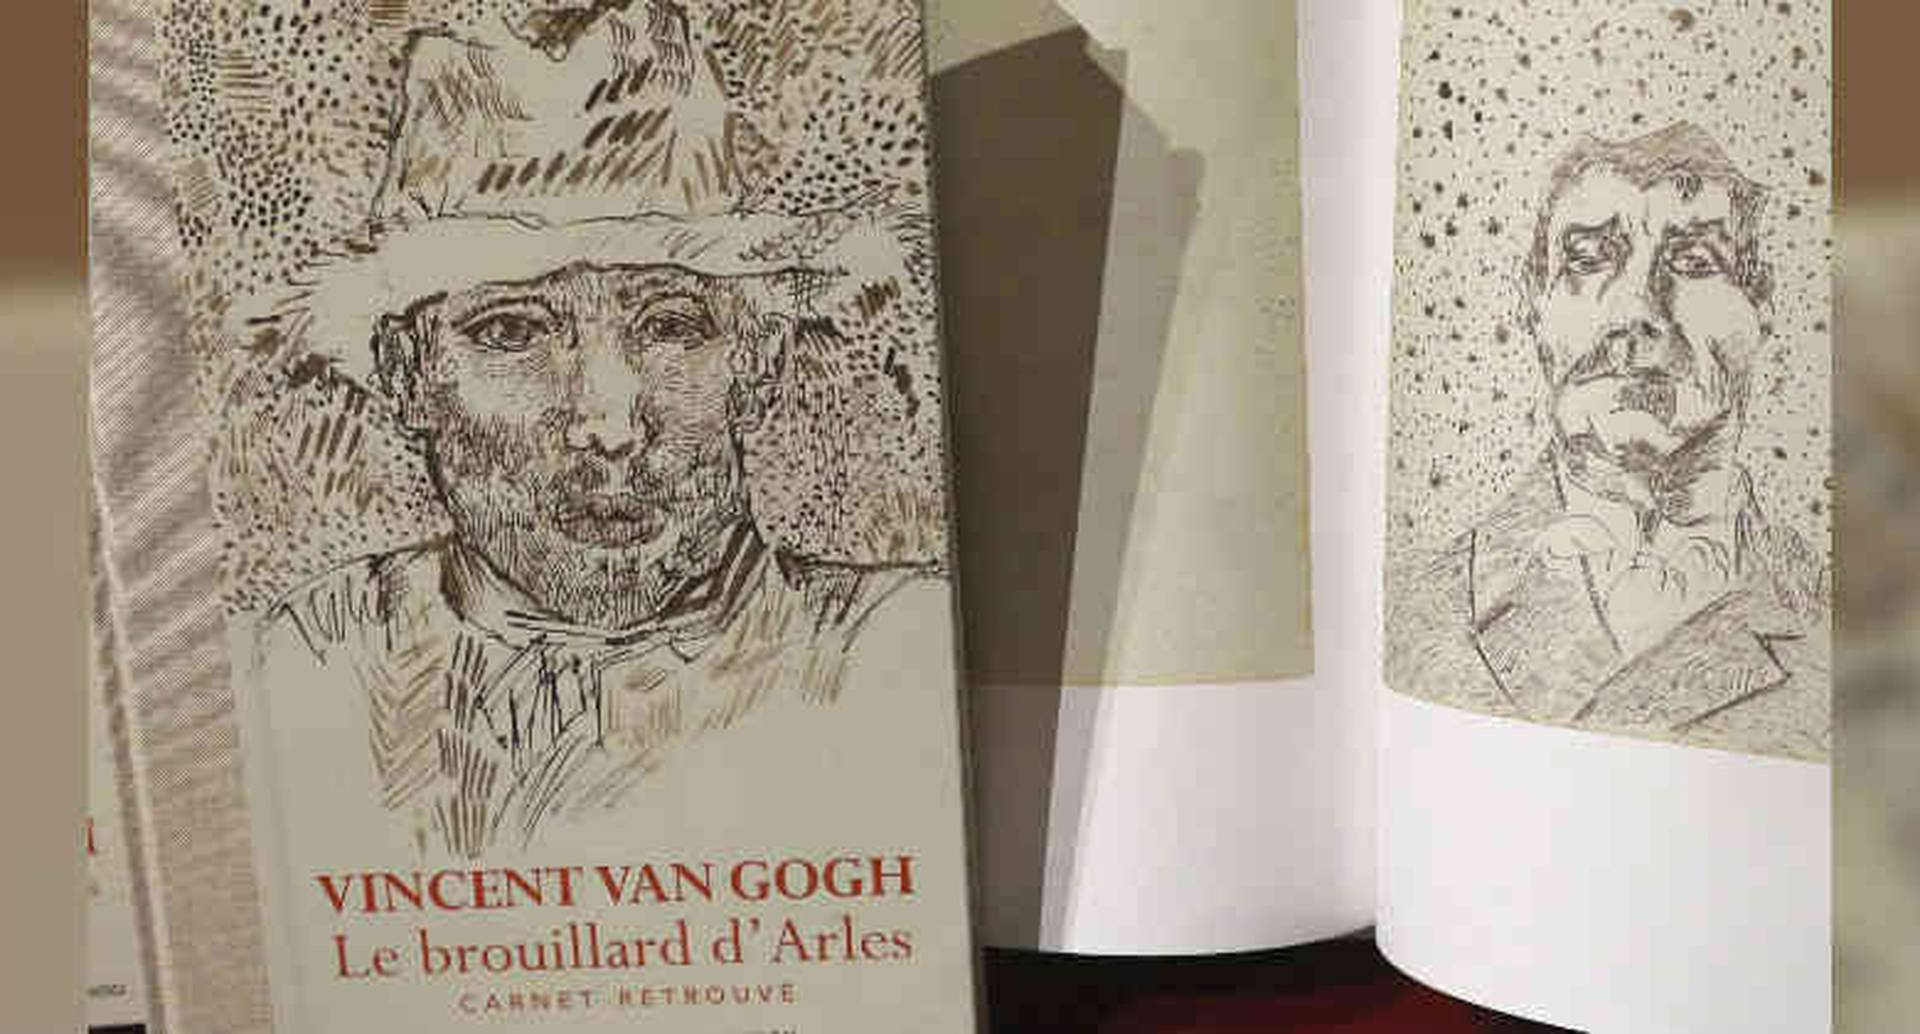 El dibujo de este libro se le atribuye a Van Gogh, pero ahora se duda de su autenticidad.